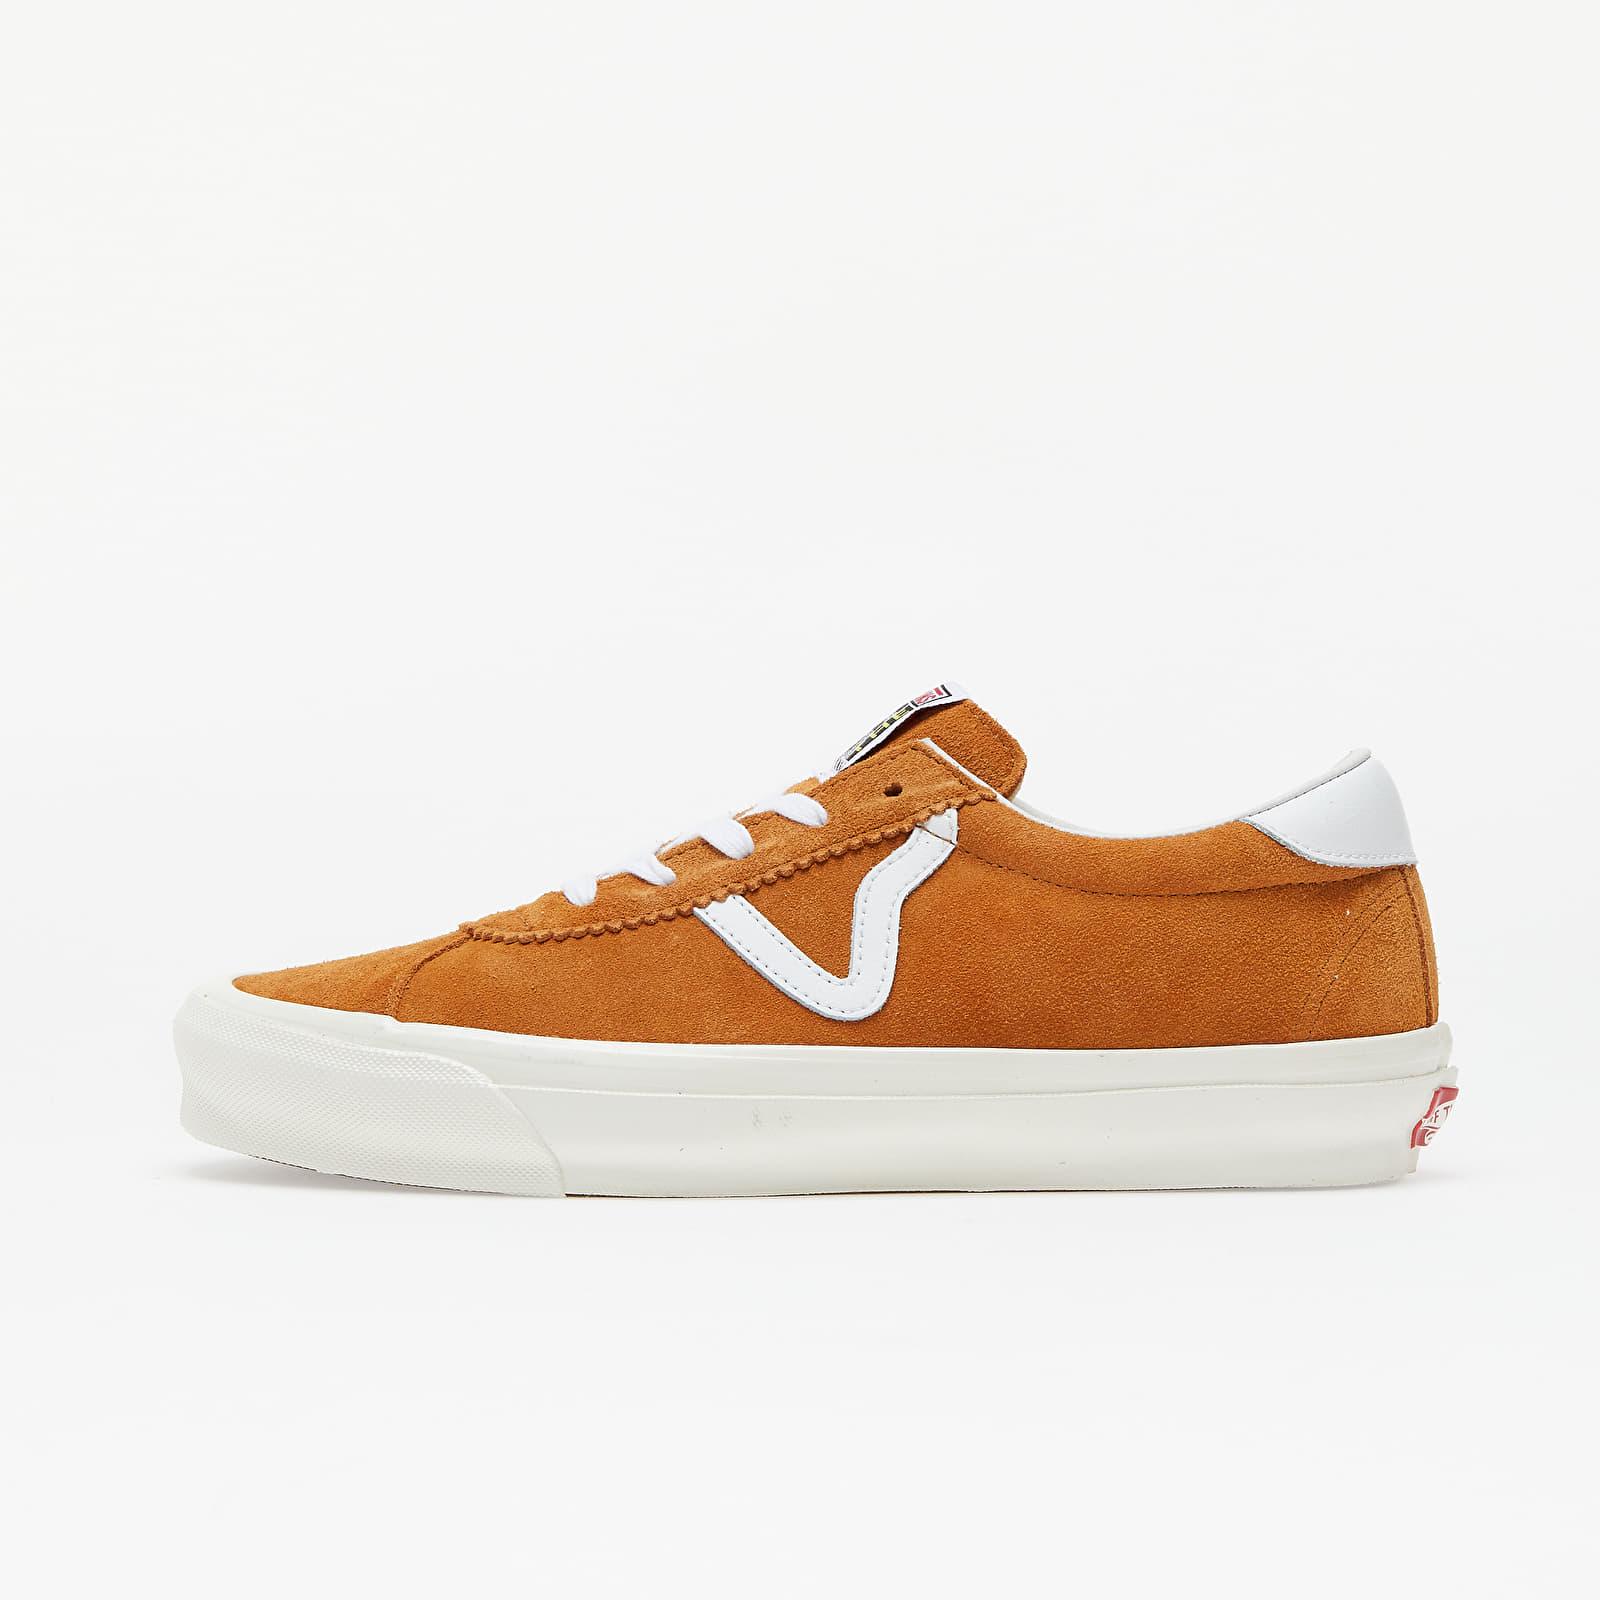 Vans Vault OG Epoch LX (Suede) Pumpkin Spice/ Henna VN0A4U124L51